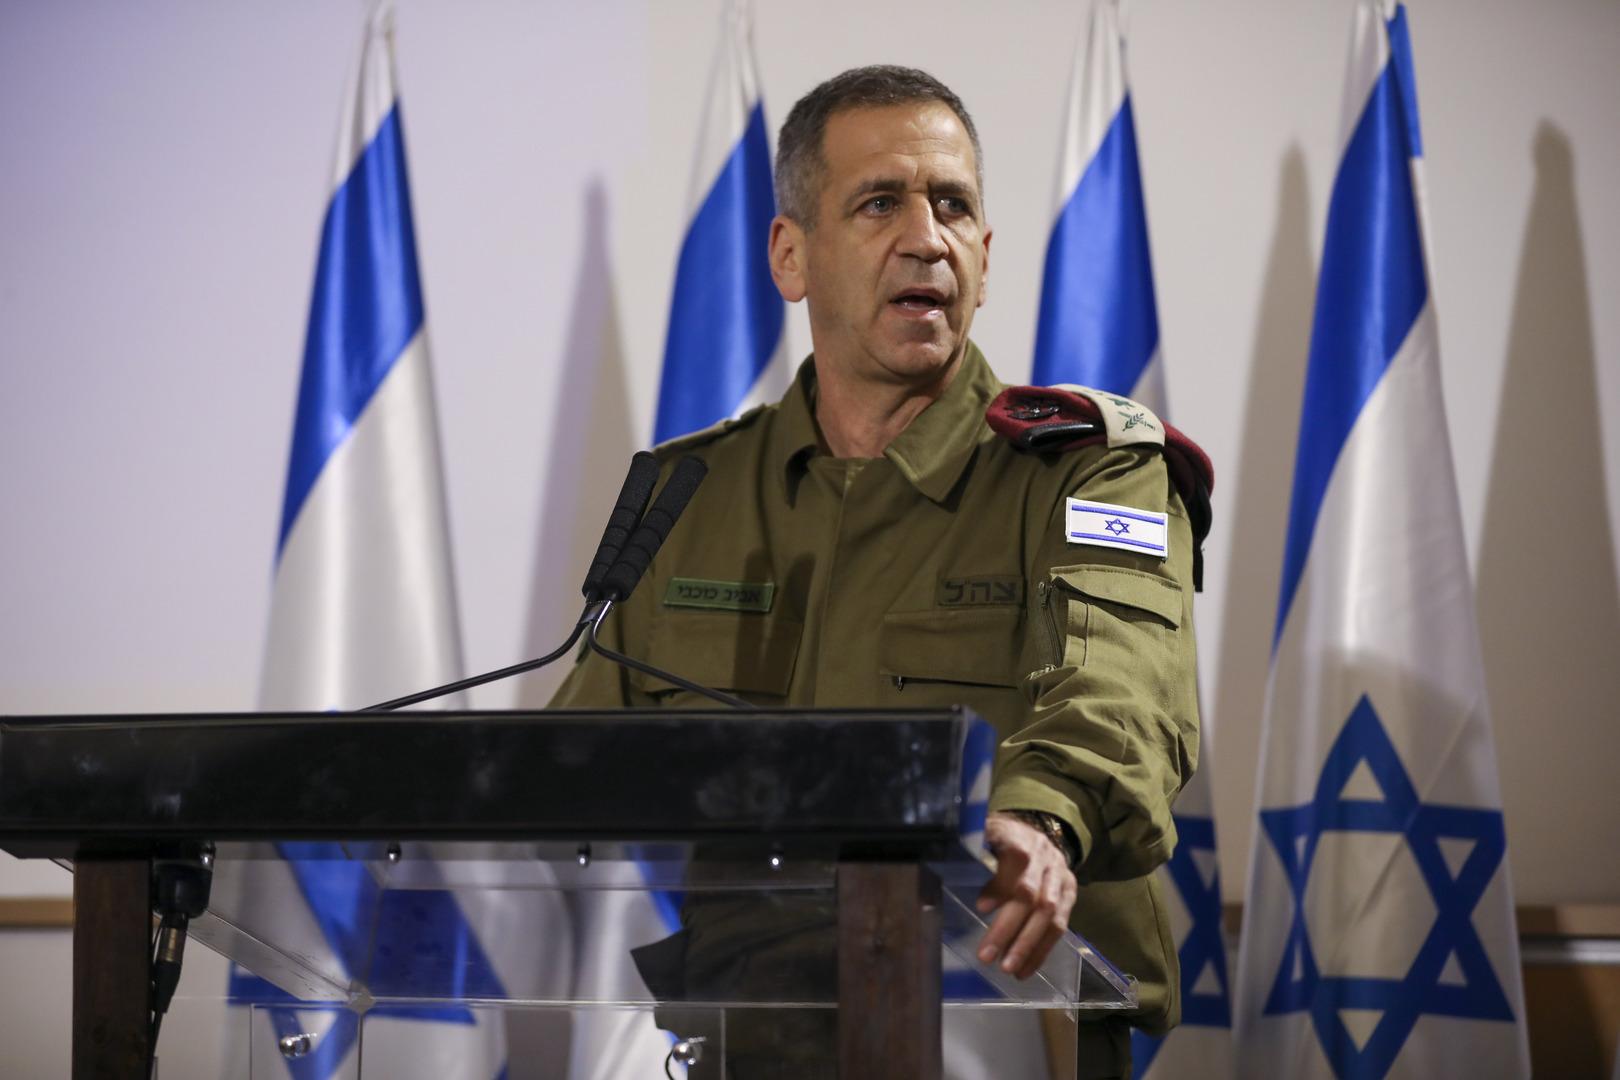 قائد الأركان الإسرائيلي لا يستبعد شنّ عملية عسكرية واسعة في الضفة الغربية